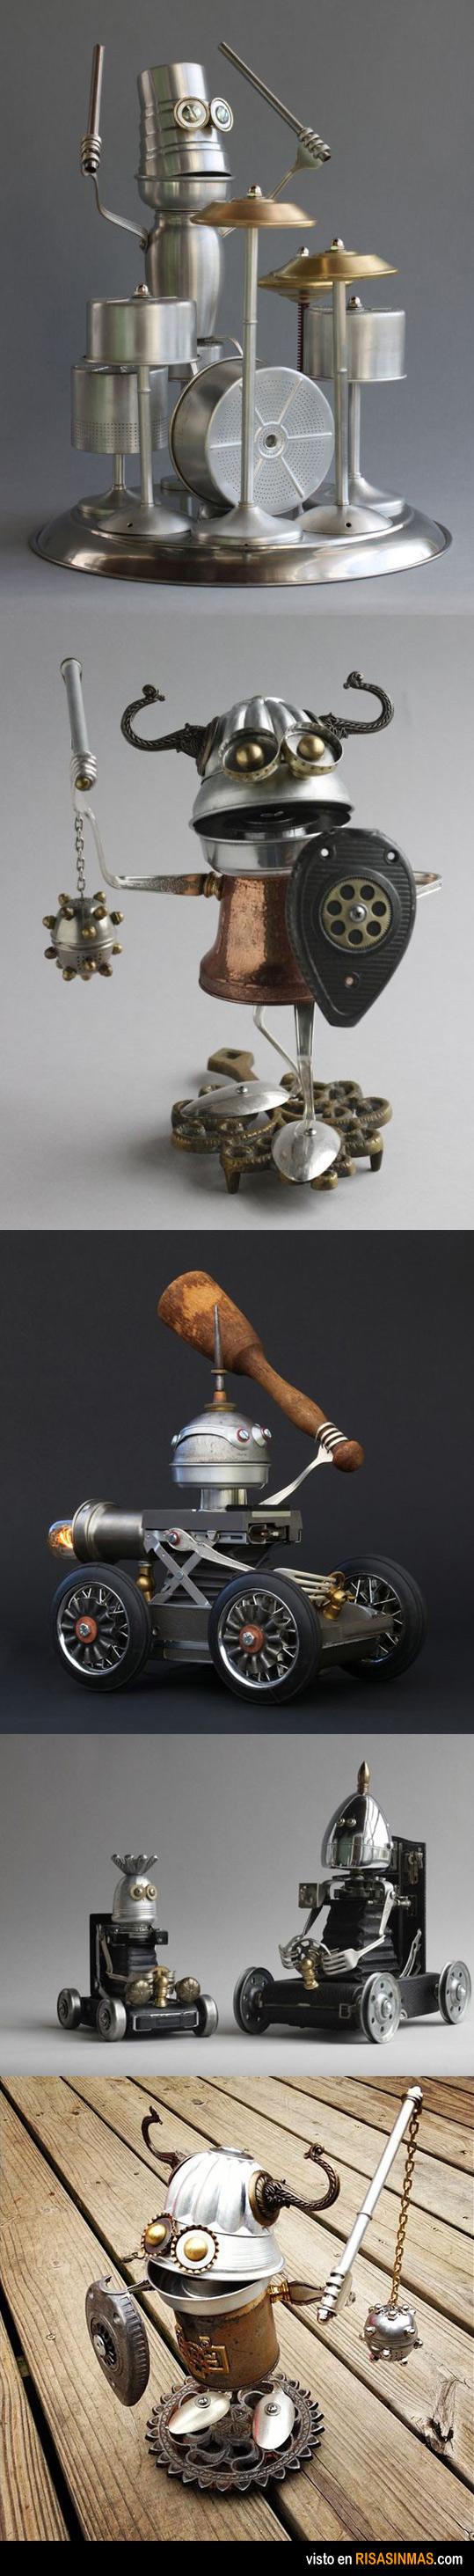 Esculturas hechas de reciclaje